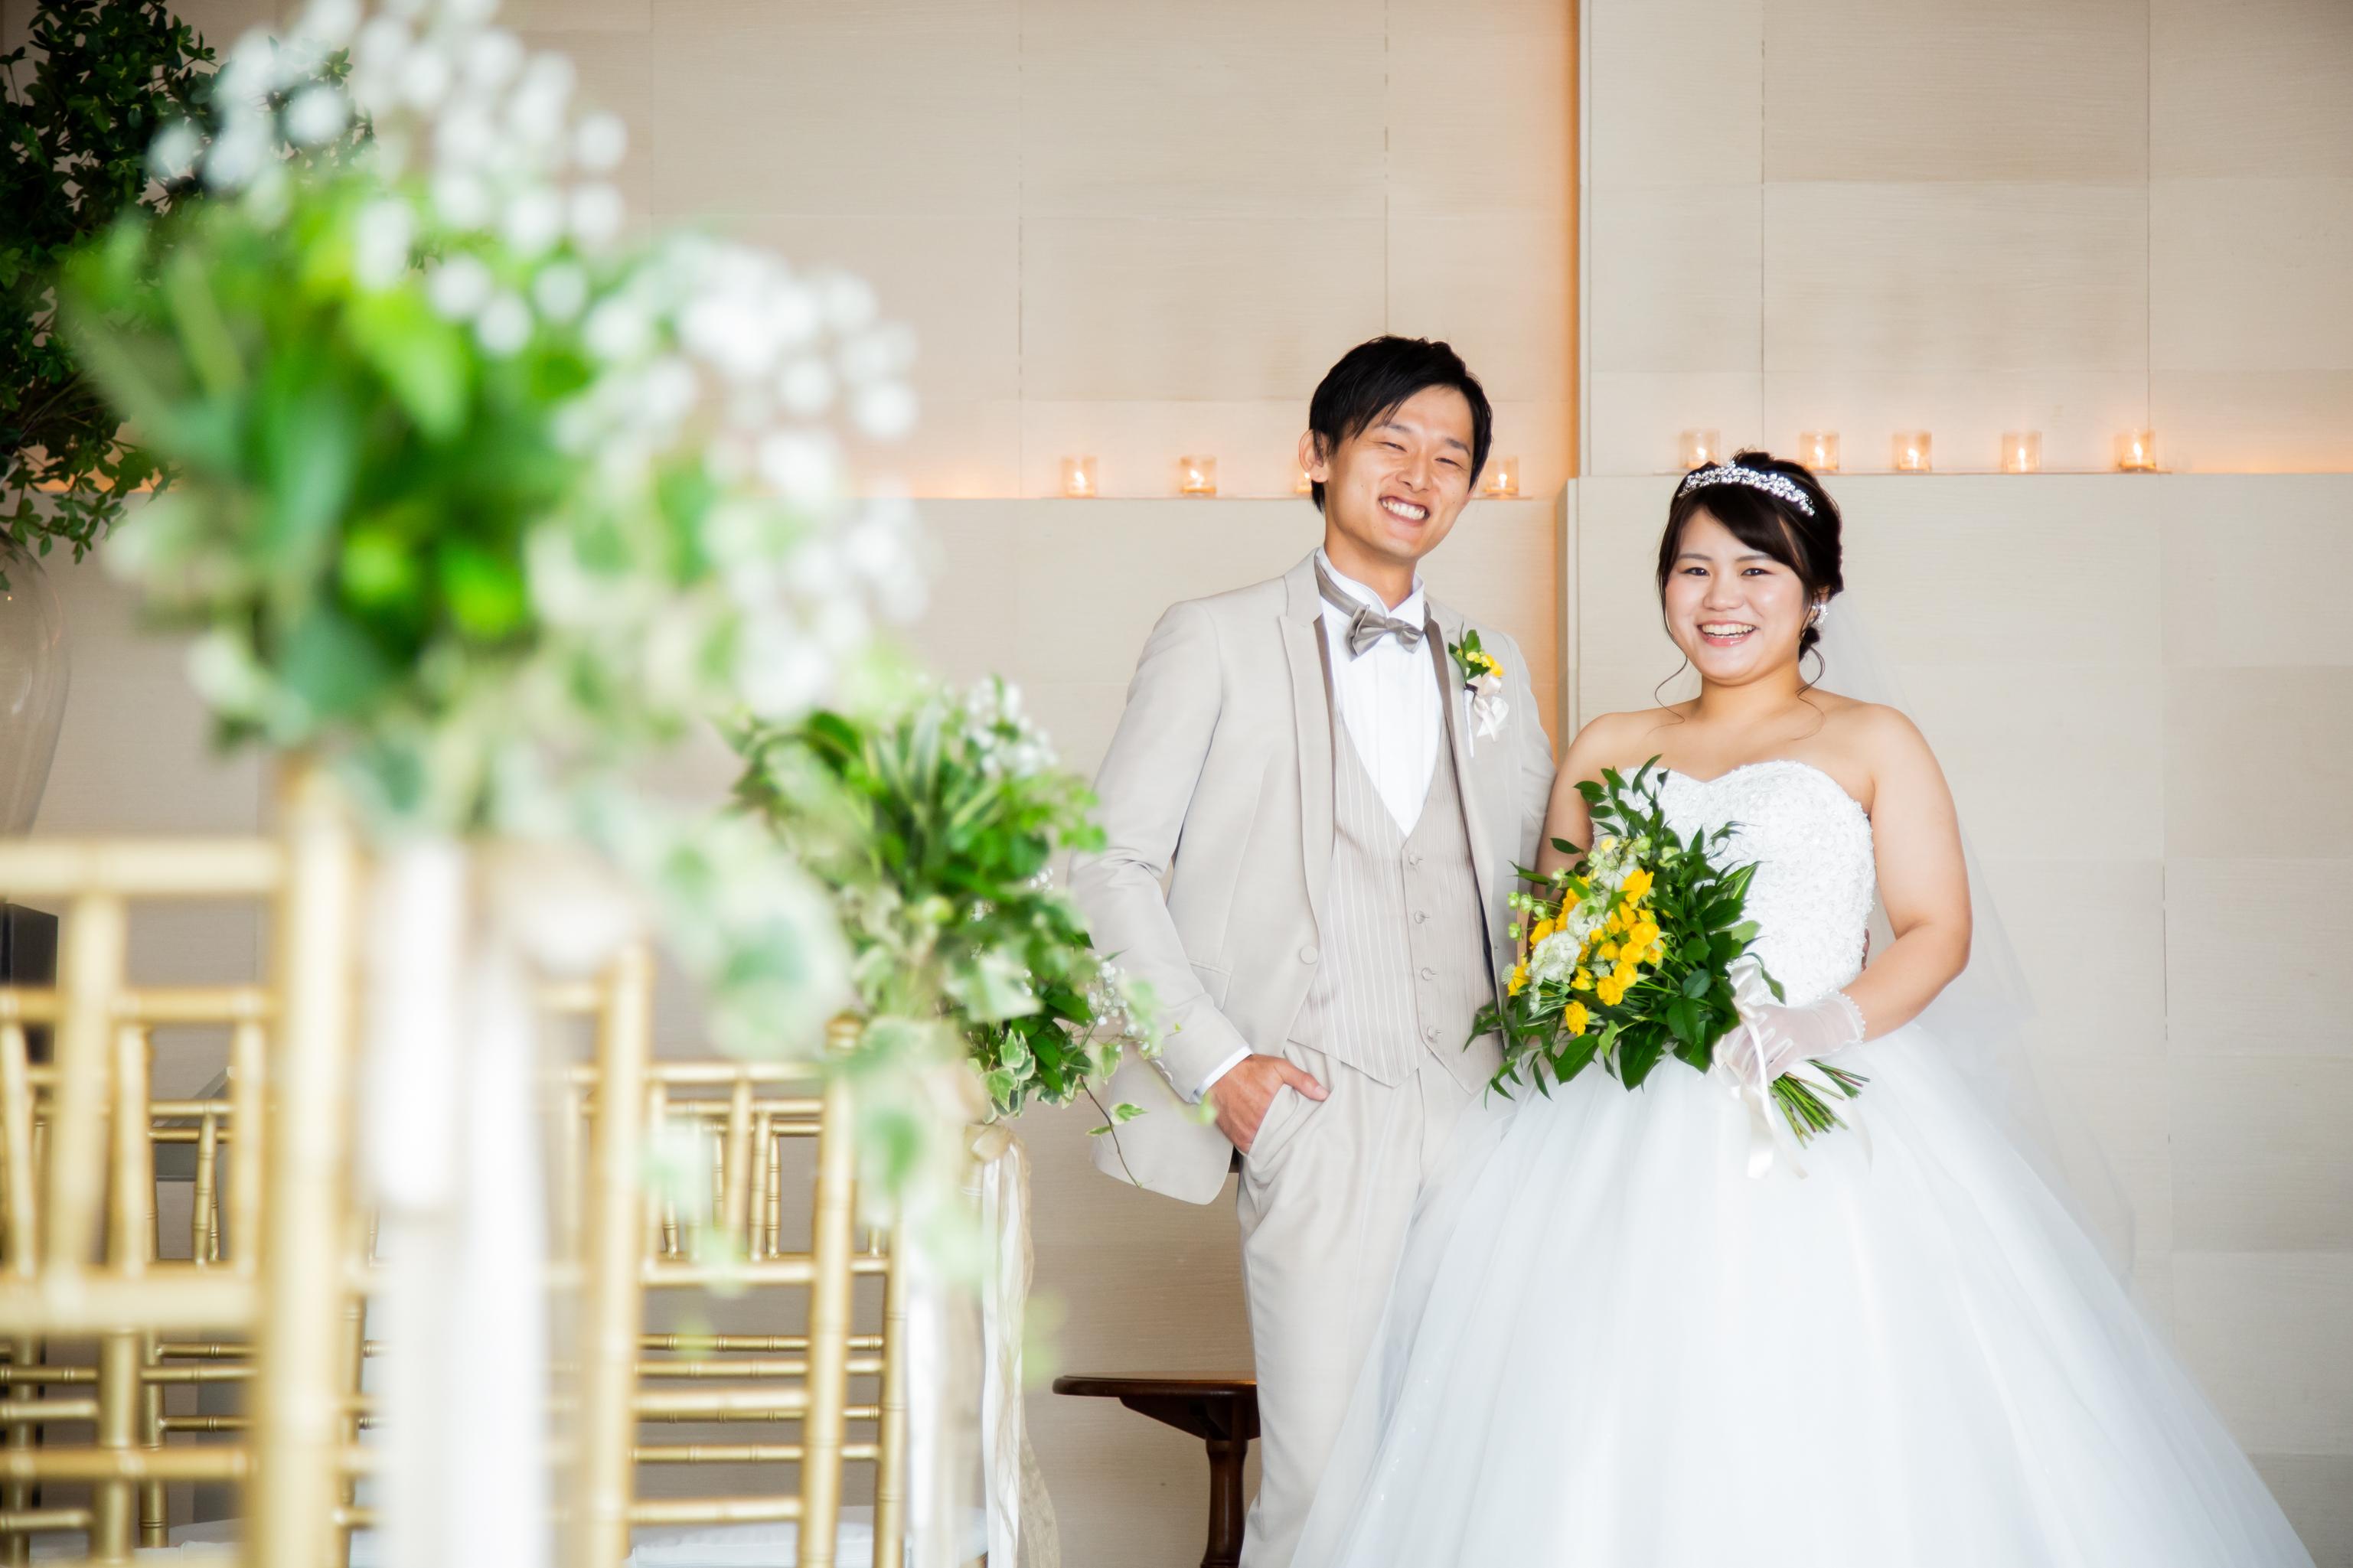 Yuki様&Minori様 Wedding Party Report!!